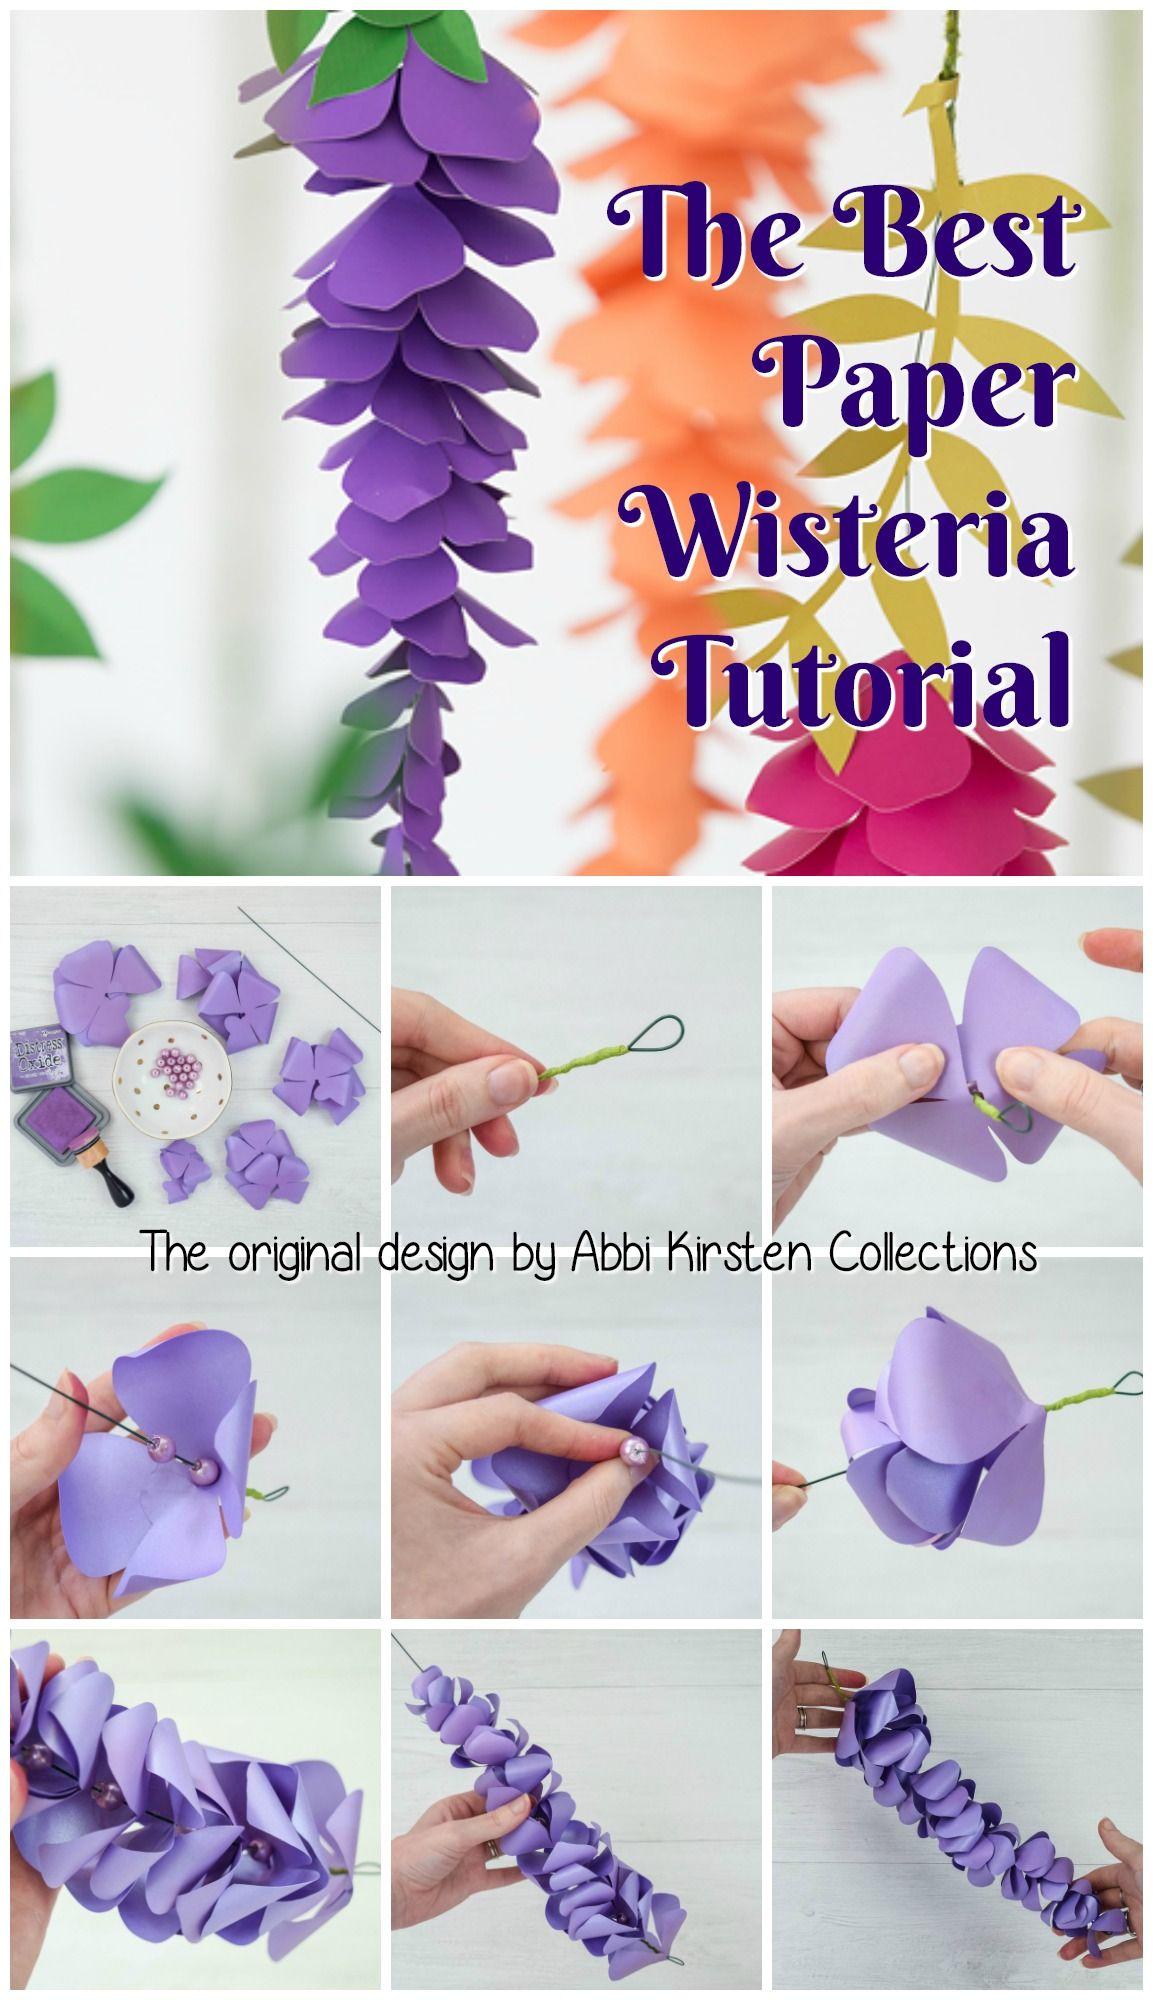 Paper Wisteria Tutorial Diy Hanging Paper Wisteria Flowers In 2020 Paper Flower Tutorial Paper Flowers Diy Paper Flowers